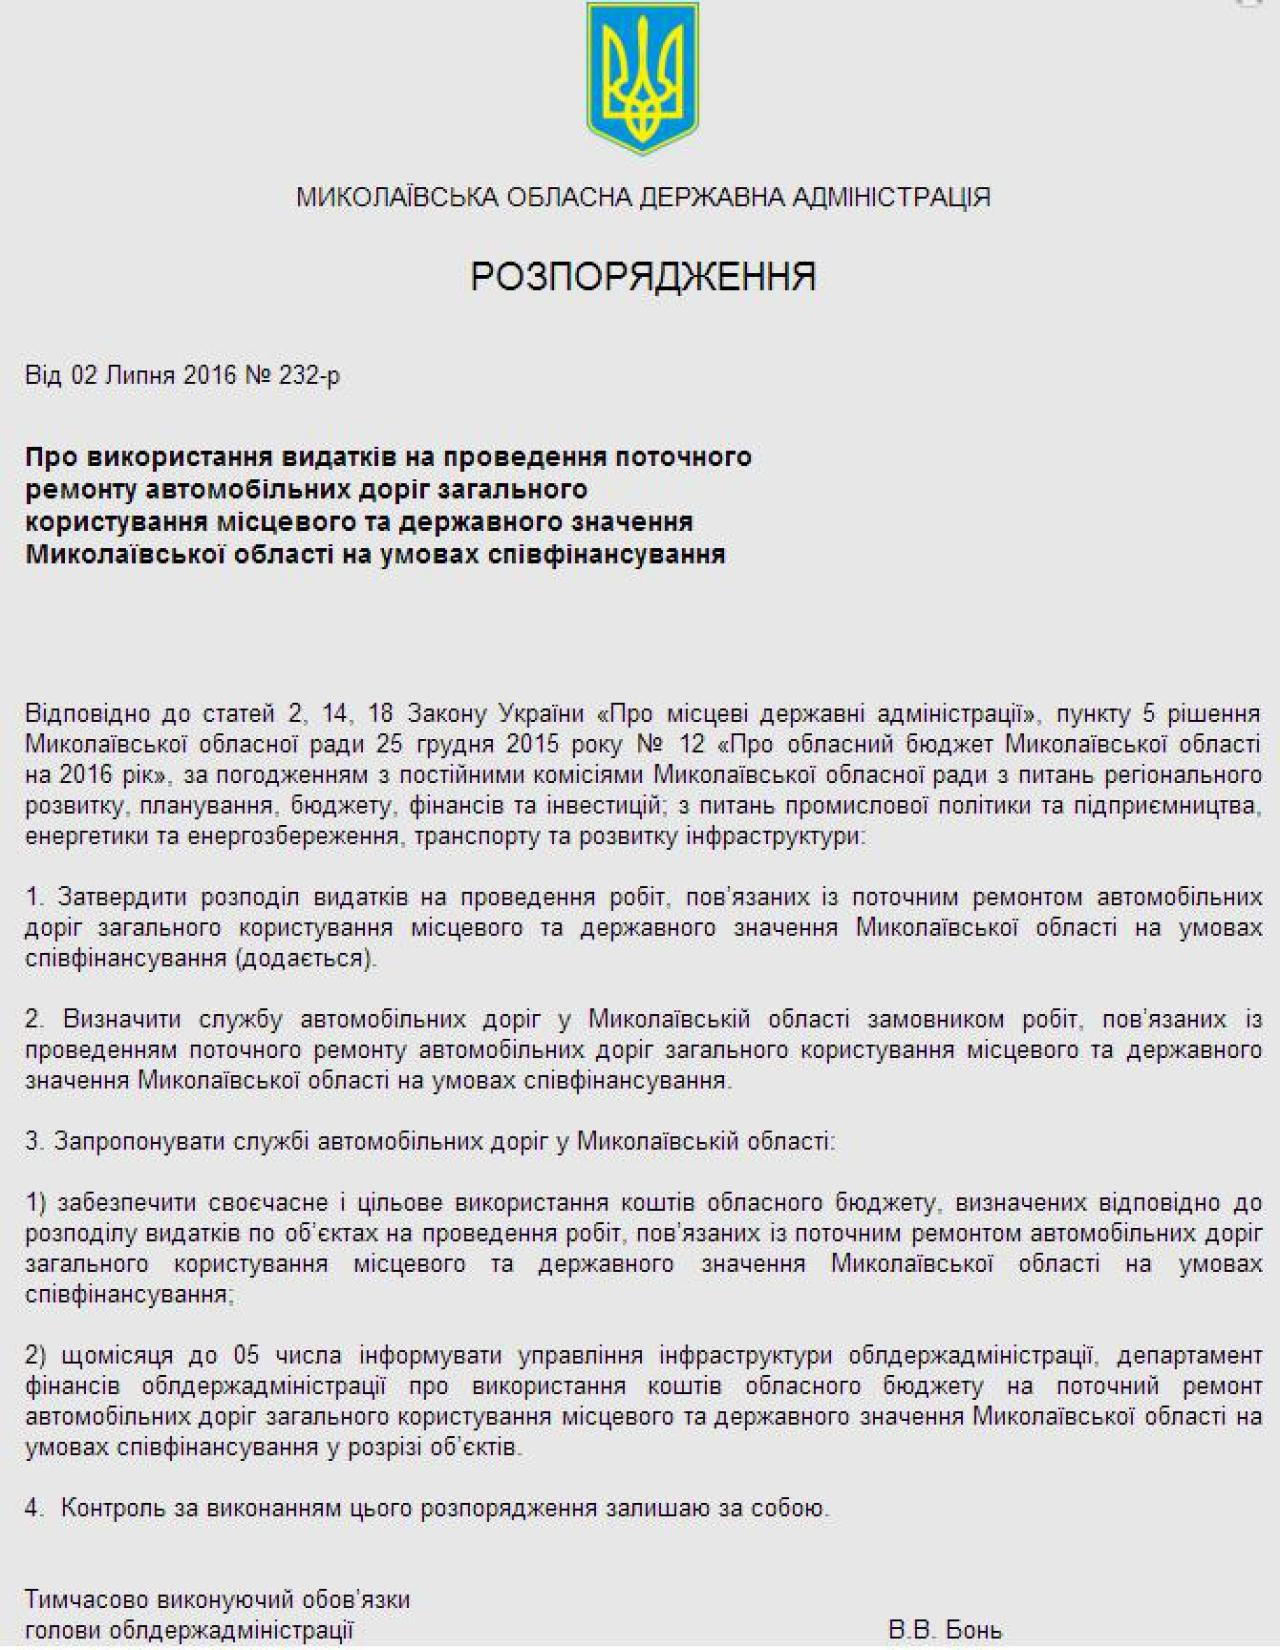 На Миколаївщині з бюджету області виділили 20 млн грн на ремонт доріг - фото 1